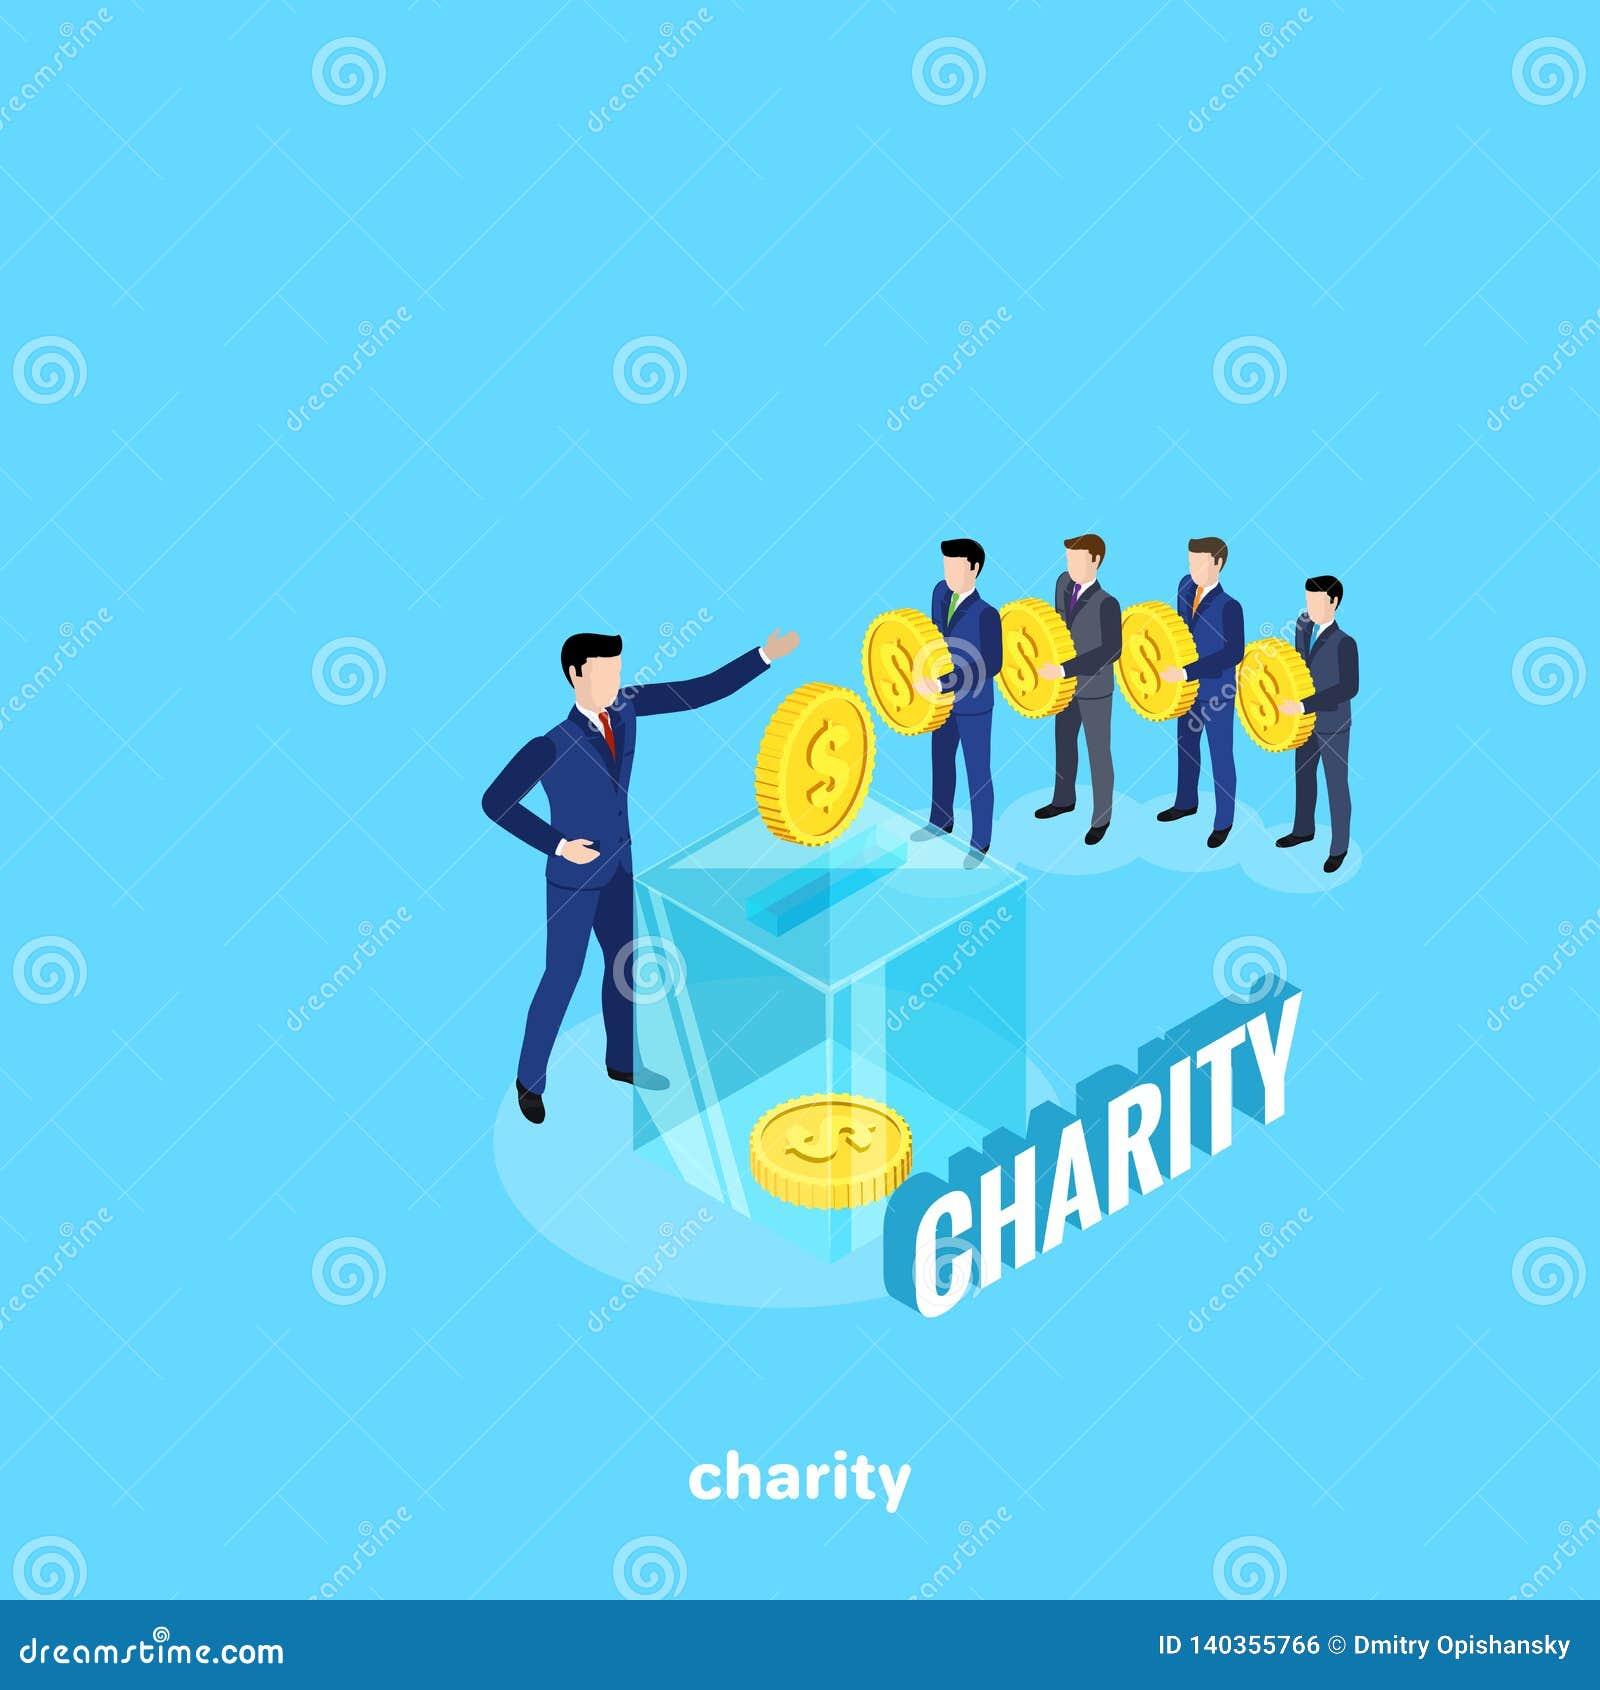 西装的人站在队中做慈善捐献和一个玻璃箱子作为为收金钱的一个工具